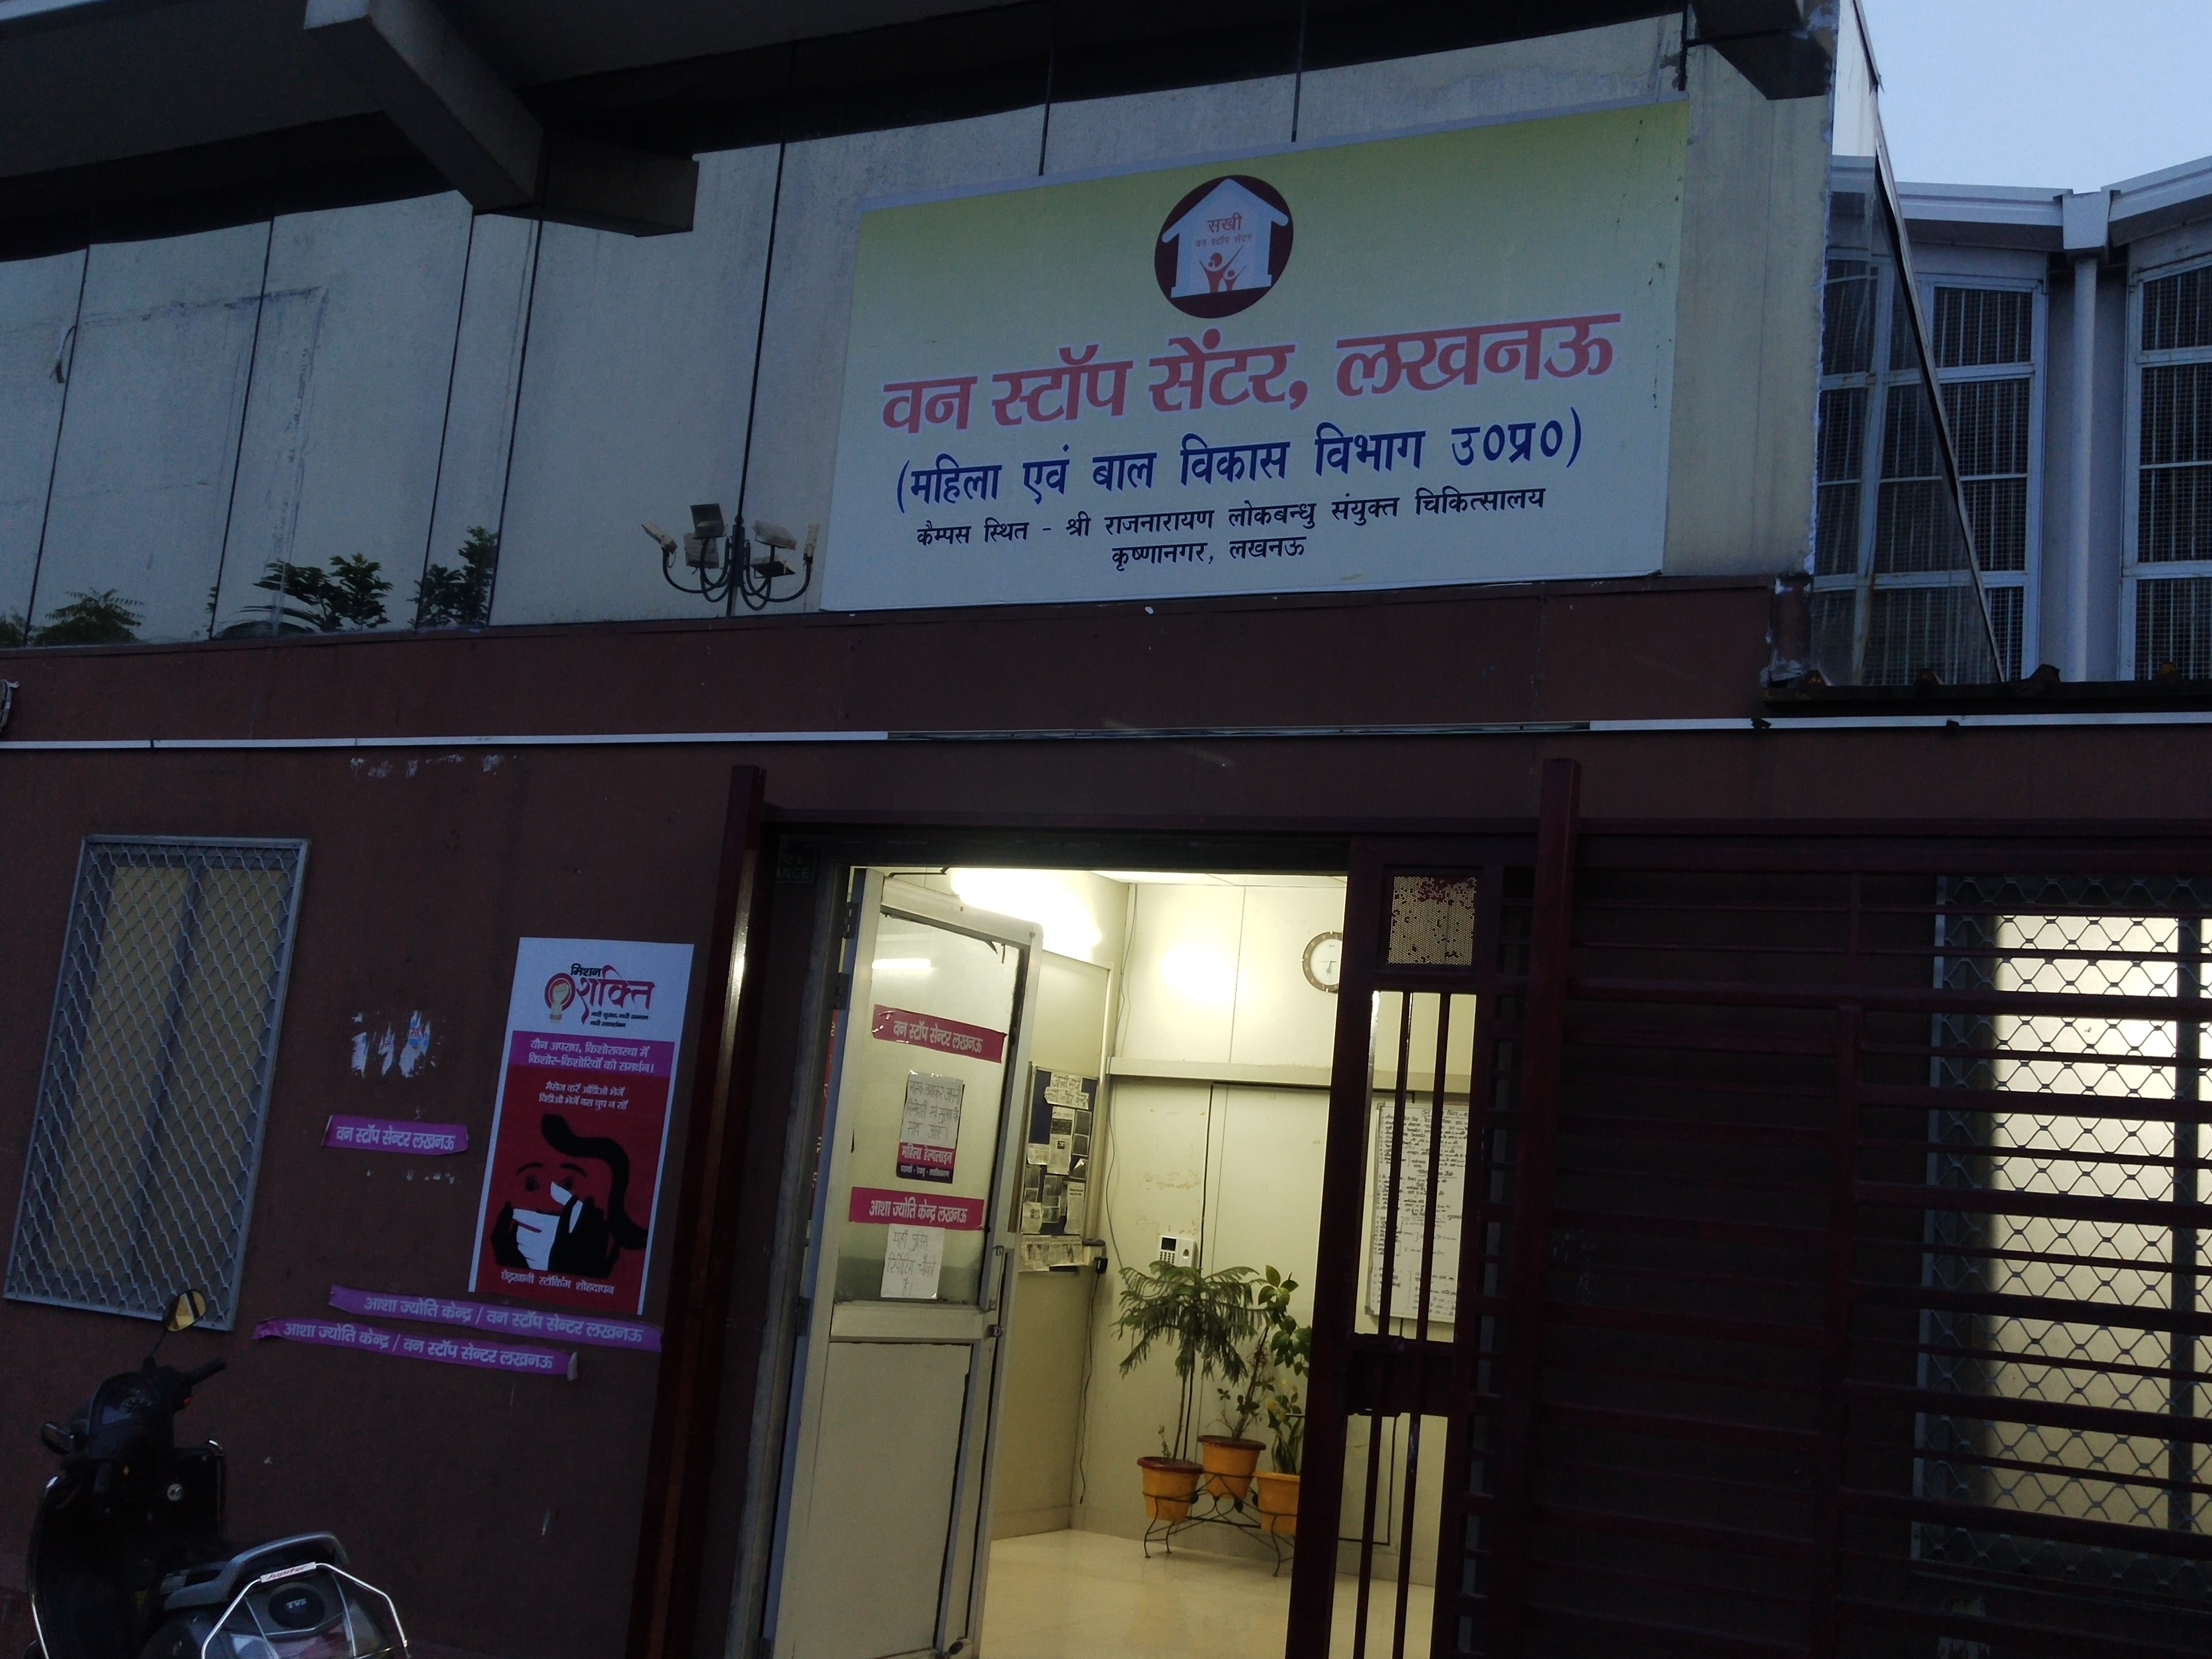 साइबर क्राइम की शिकार महिलाओं की भी मददगार बनेगी आशा ज्योति केंद्र, सेल के गठन के लिए तैयार हुआ प्रस्ताव लखनऊ,Lucknow - Dainik Bhaskar